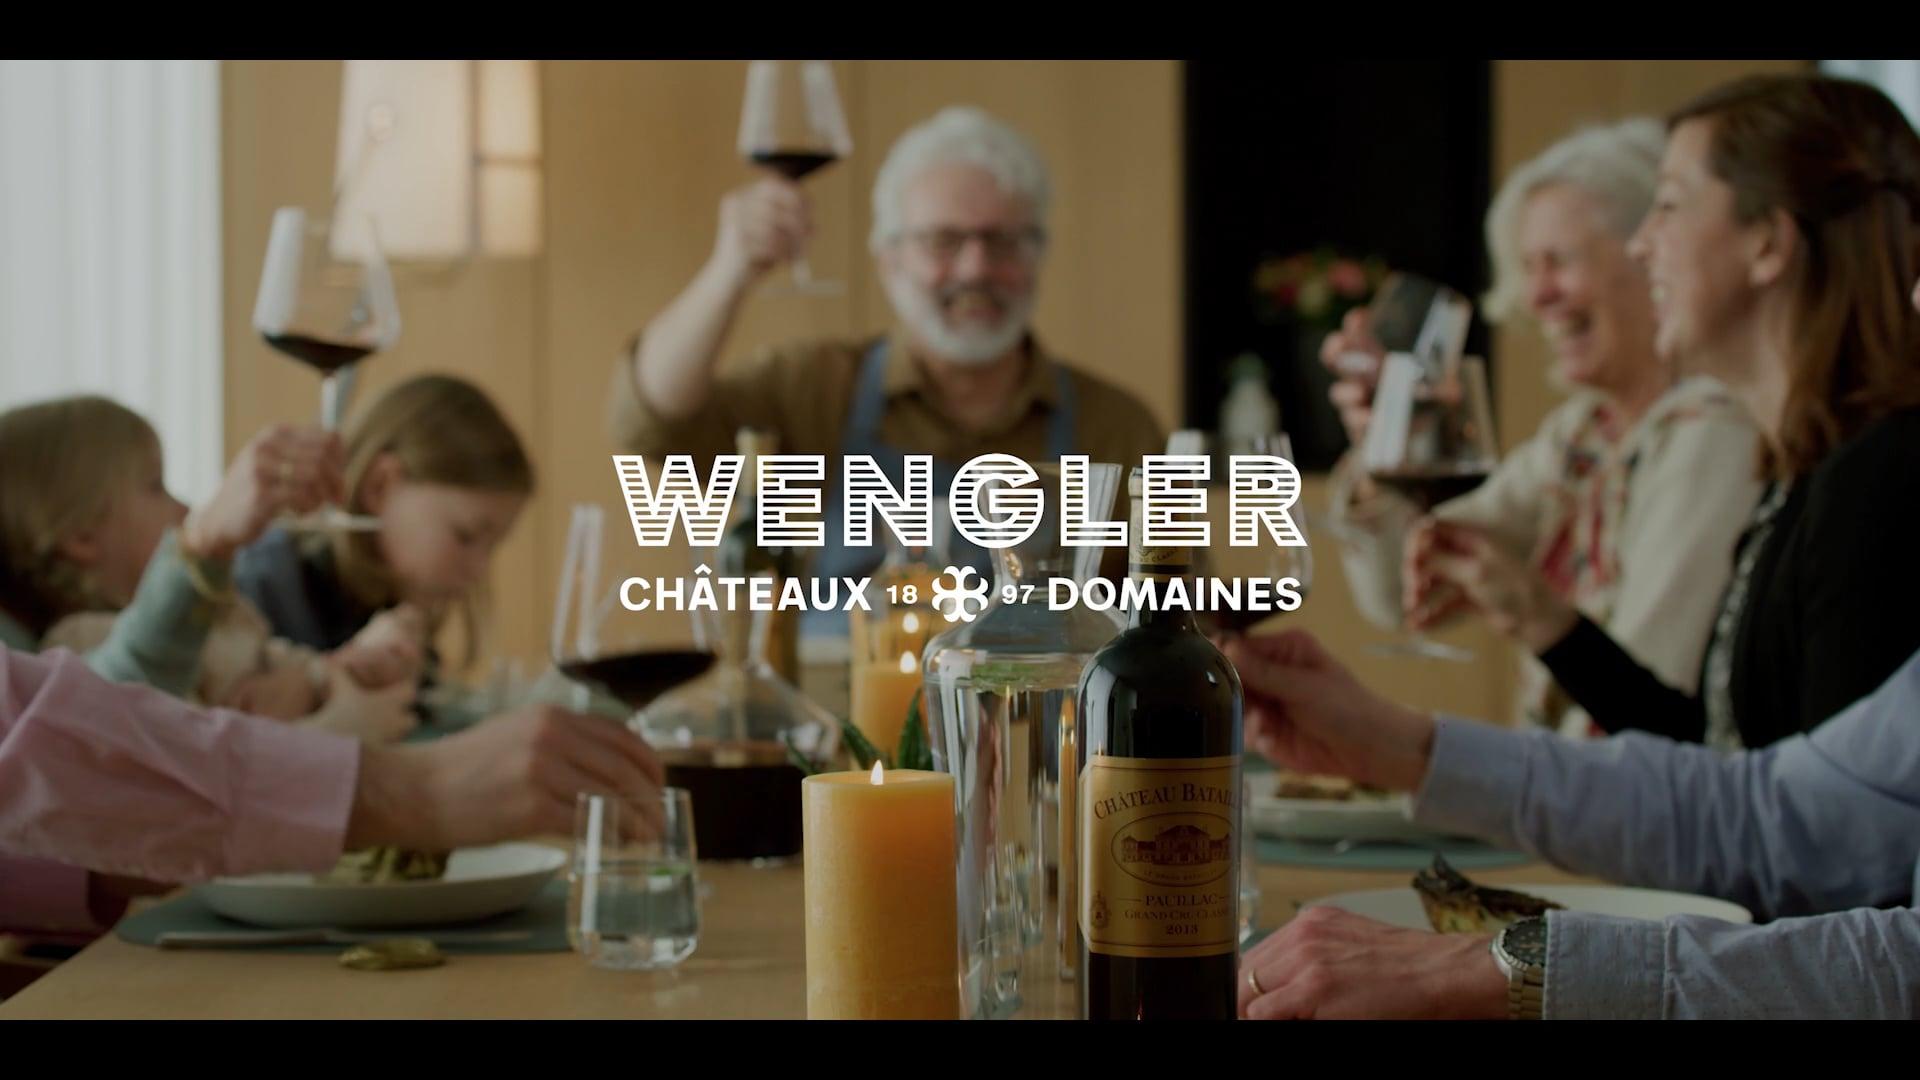 Publicité Wengler Châteaux & Domaines - Refining Moments